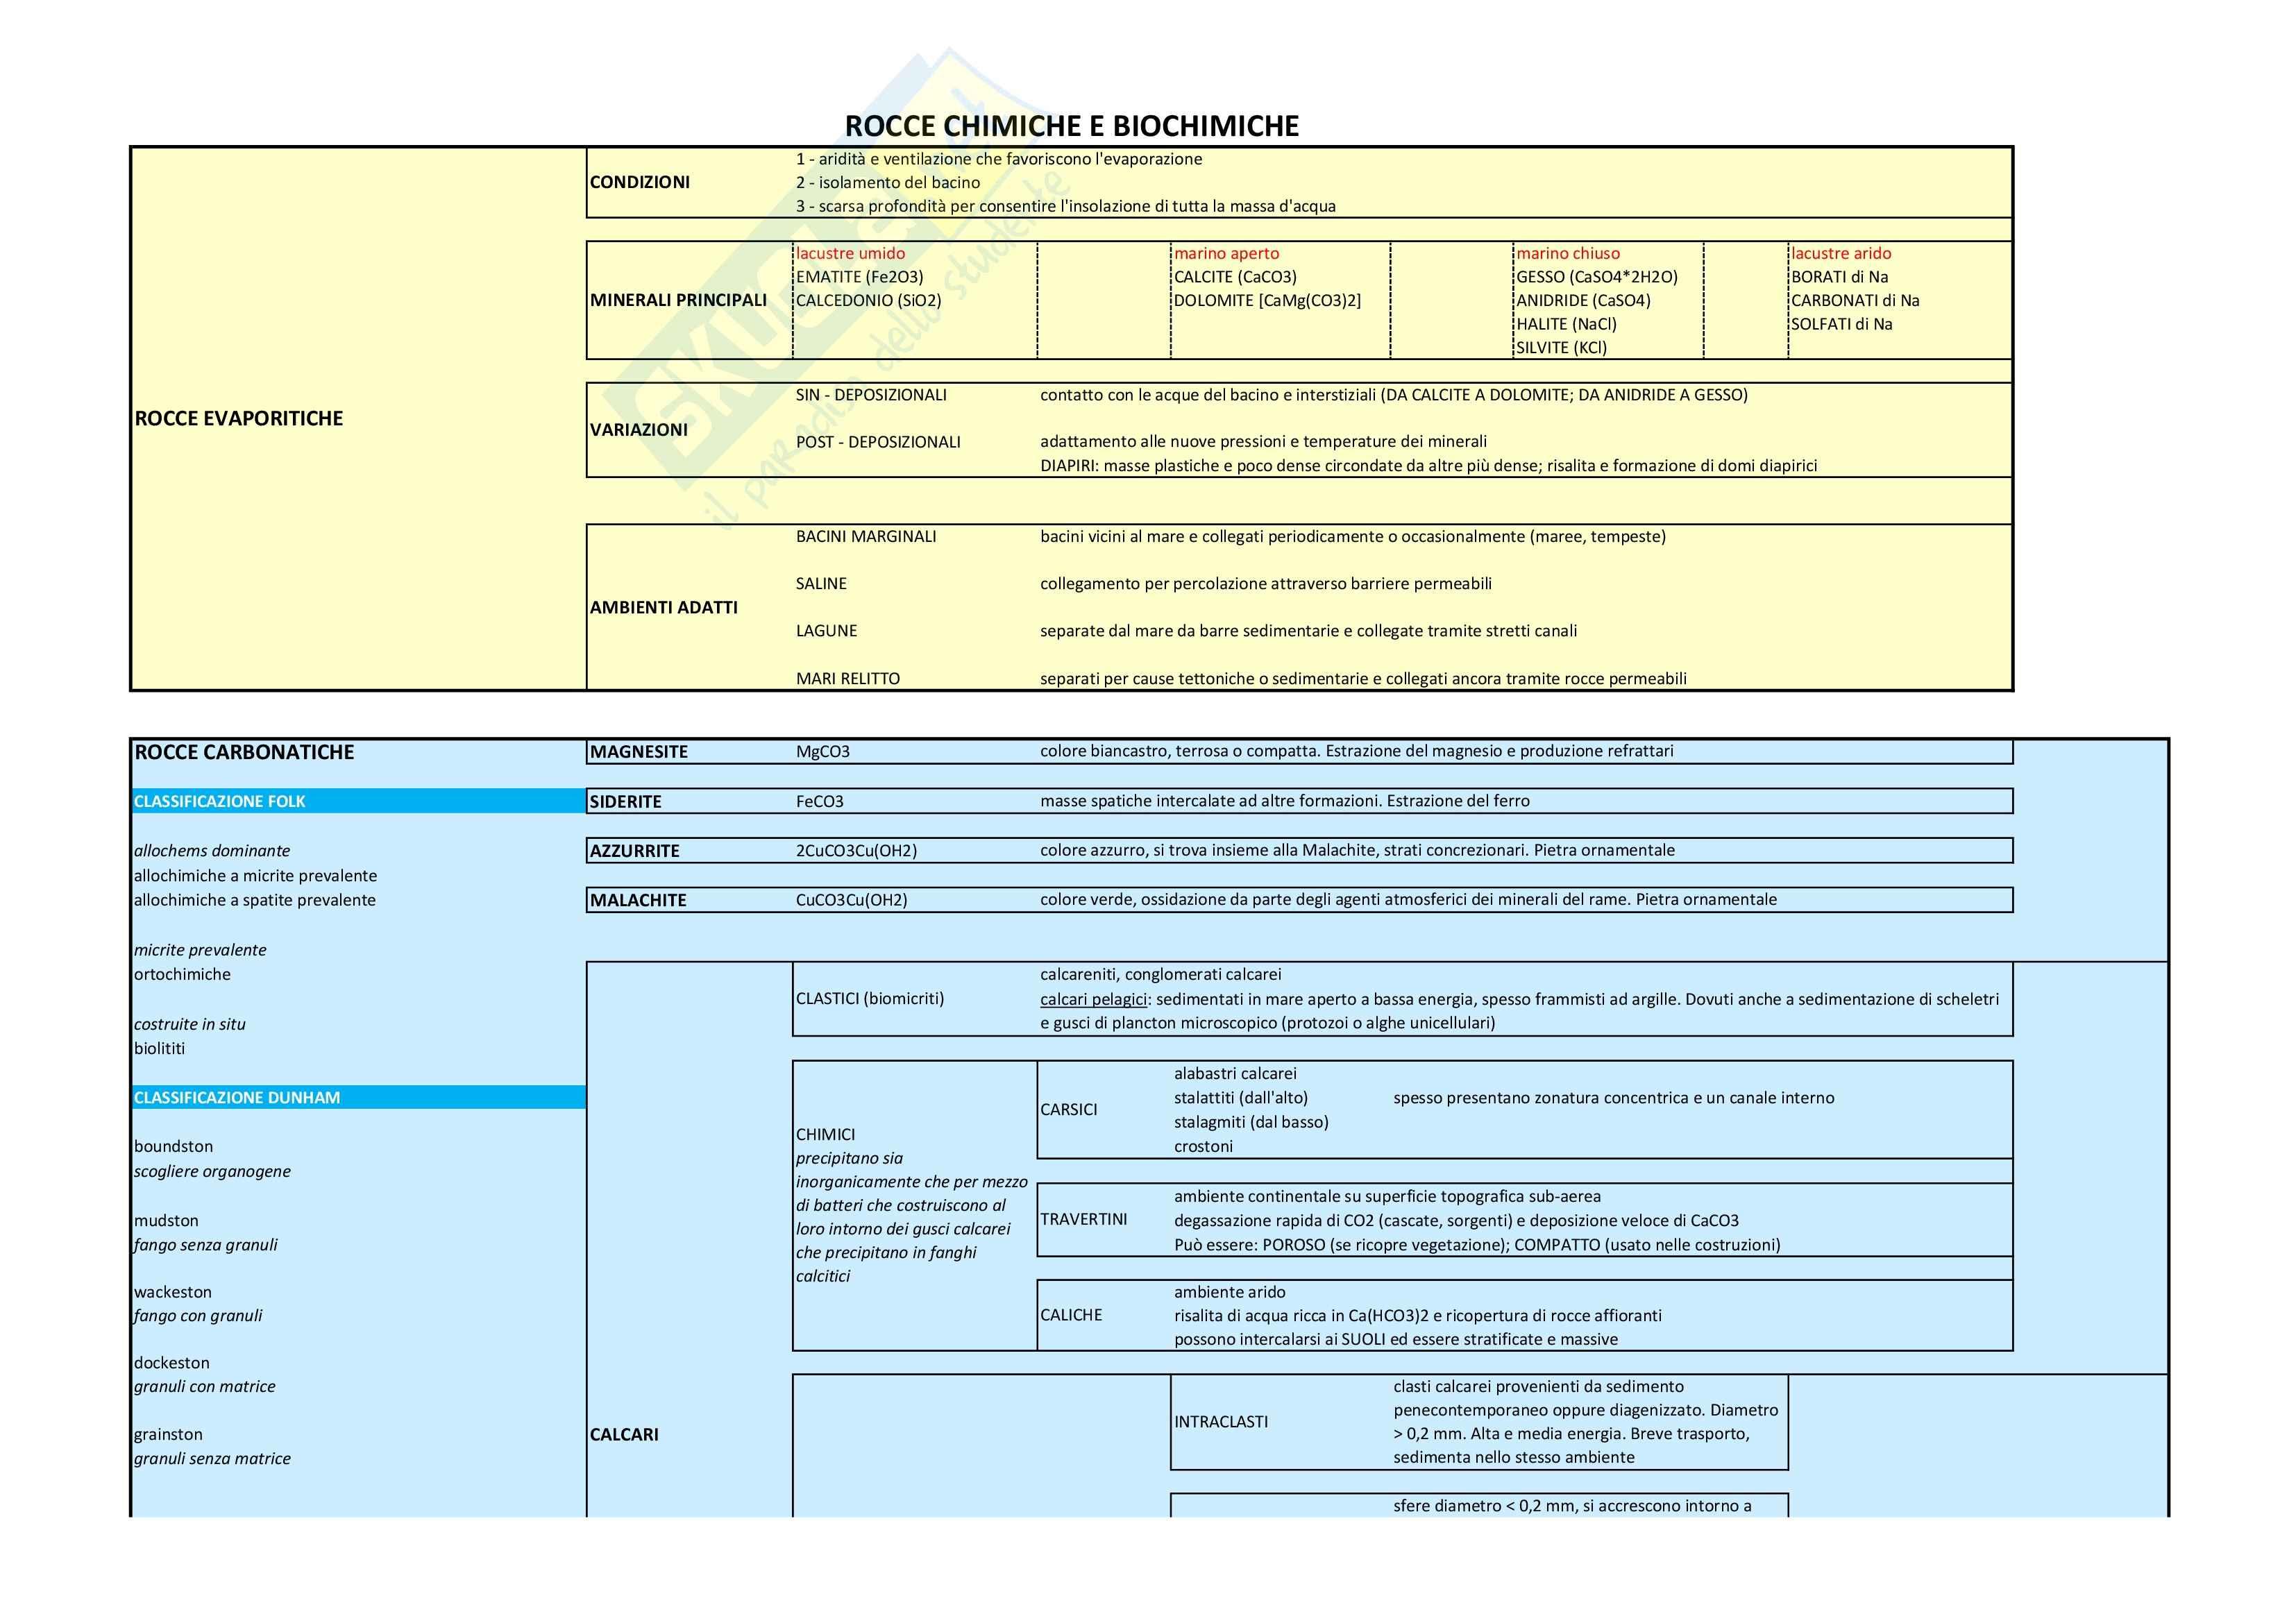 Sedimentologia - Schema di classificazione delle rocce sedimentarie, chimiche e biochimiche